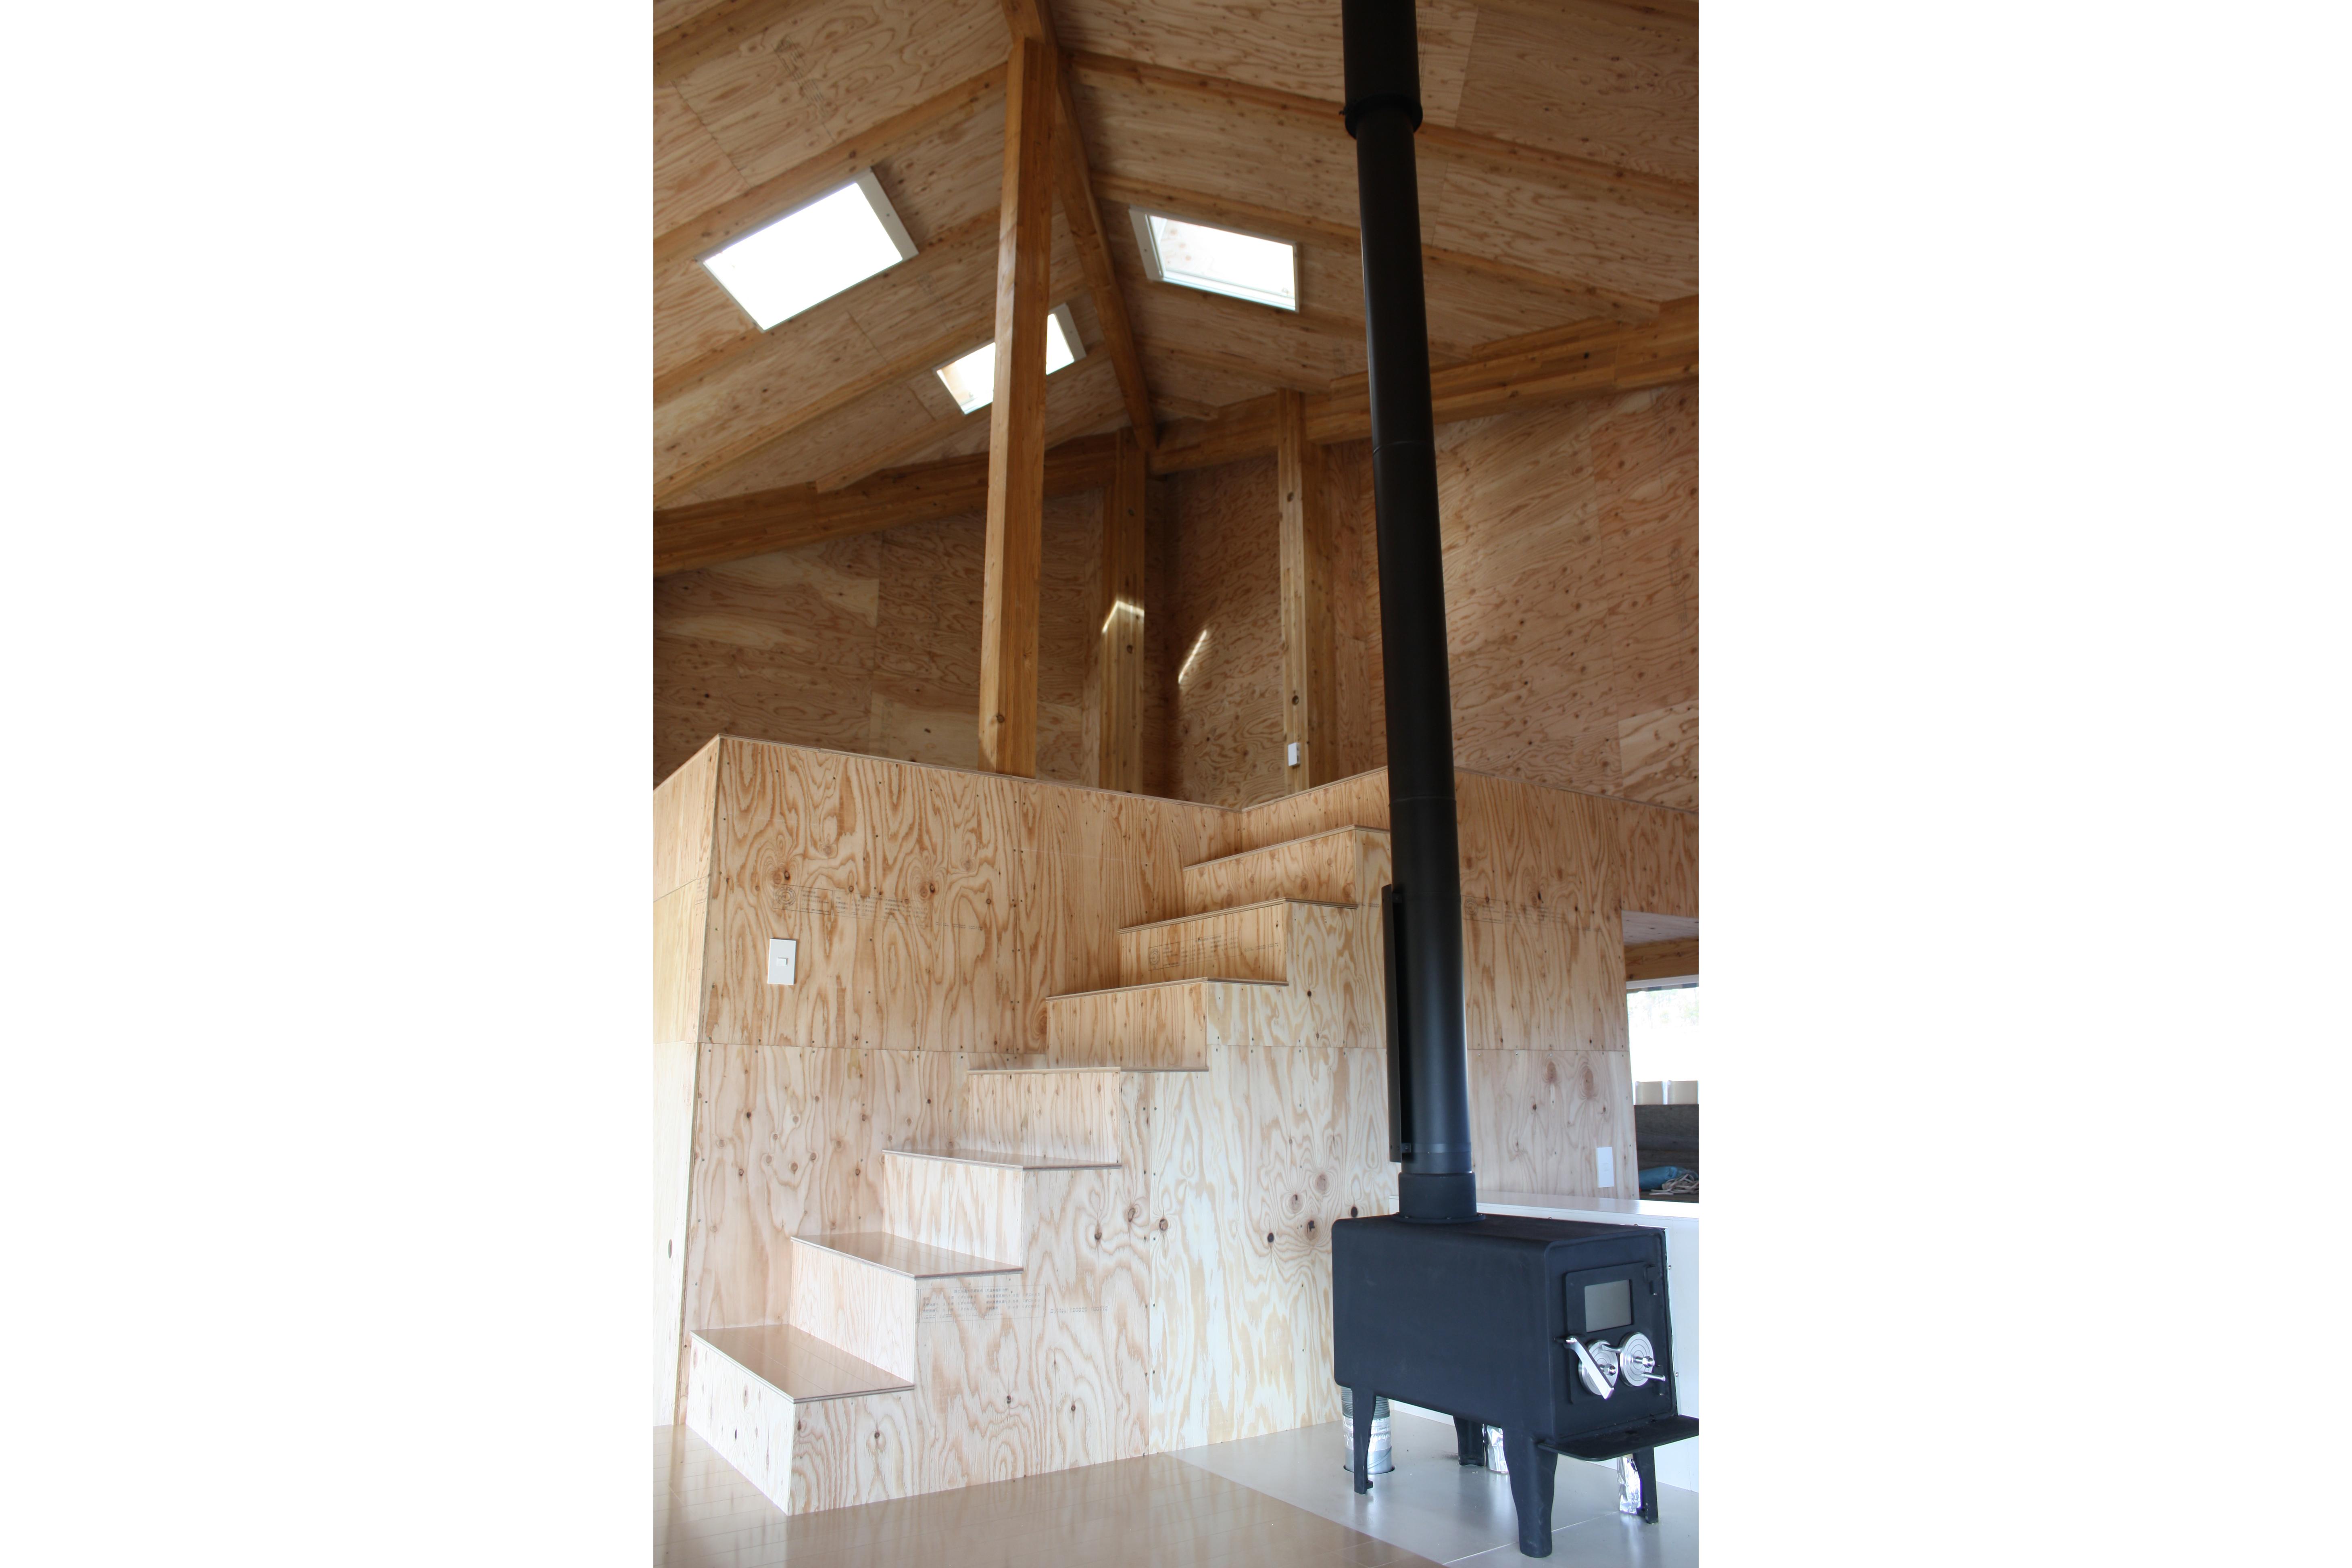 HH_interior_loft_woodstove_a_puyol